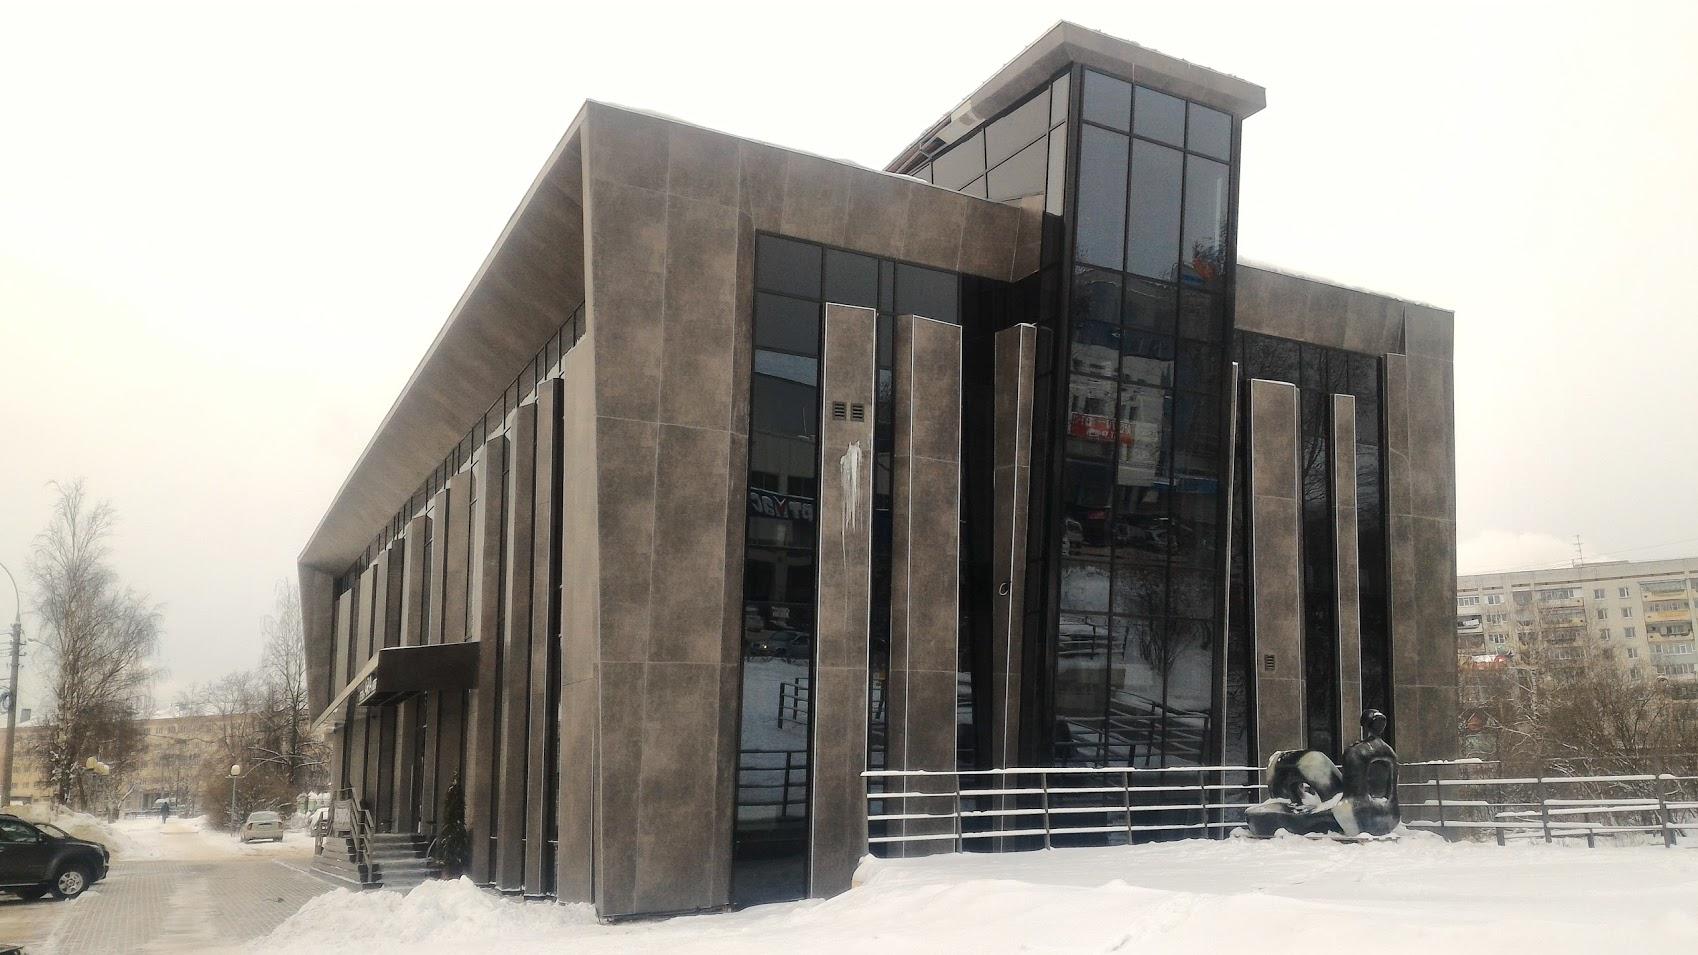 Самовольная «Ария»: Гостиницу в центре Вологды признали самовольной постройкой, но сносить не будут